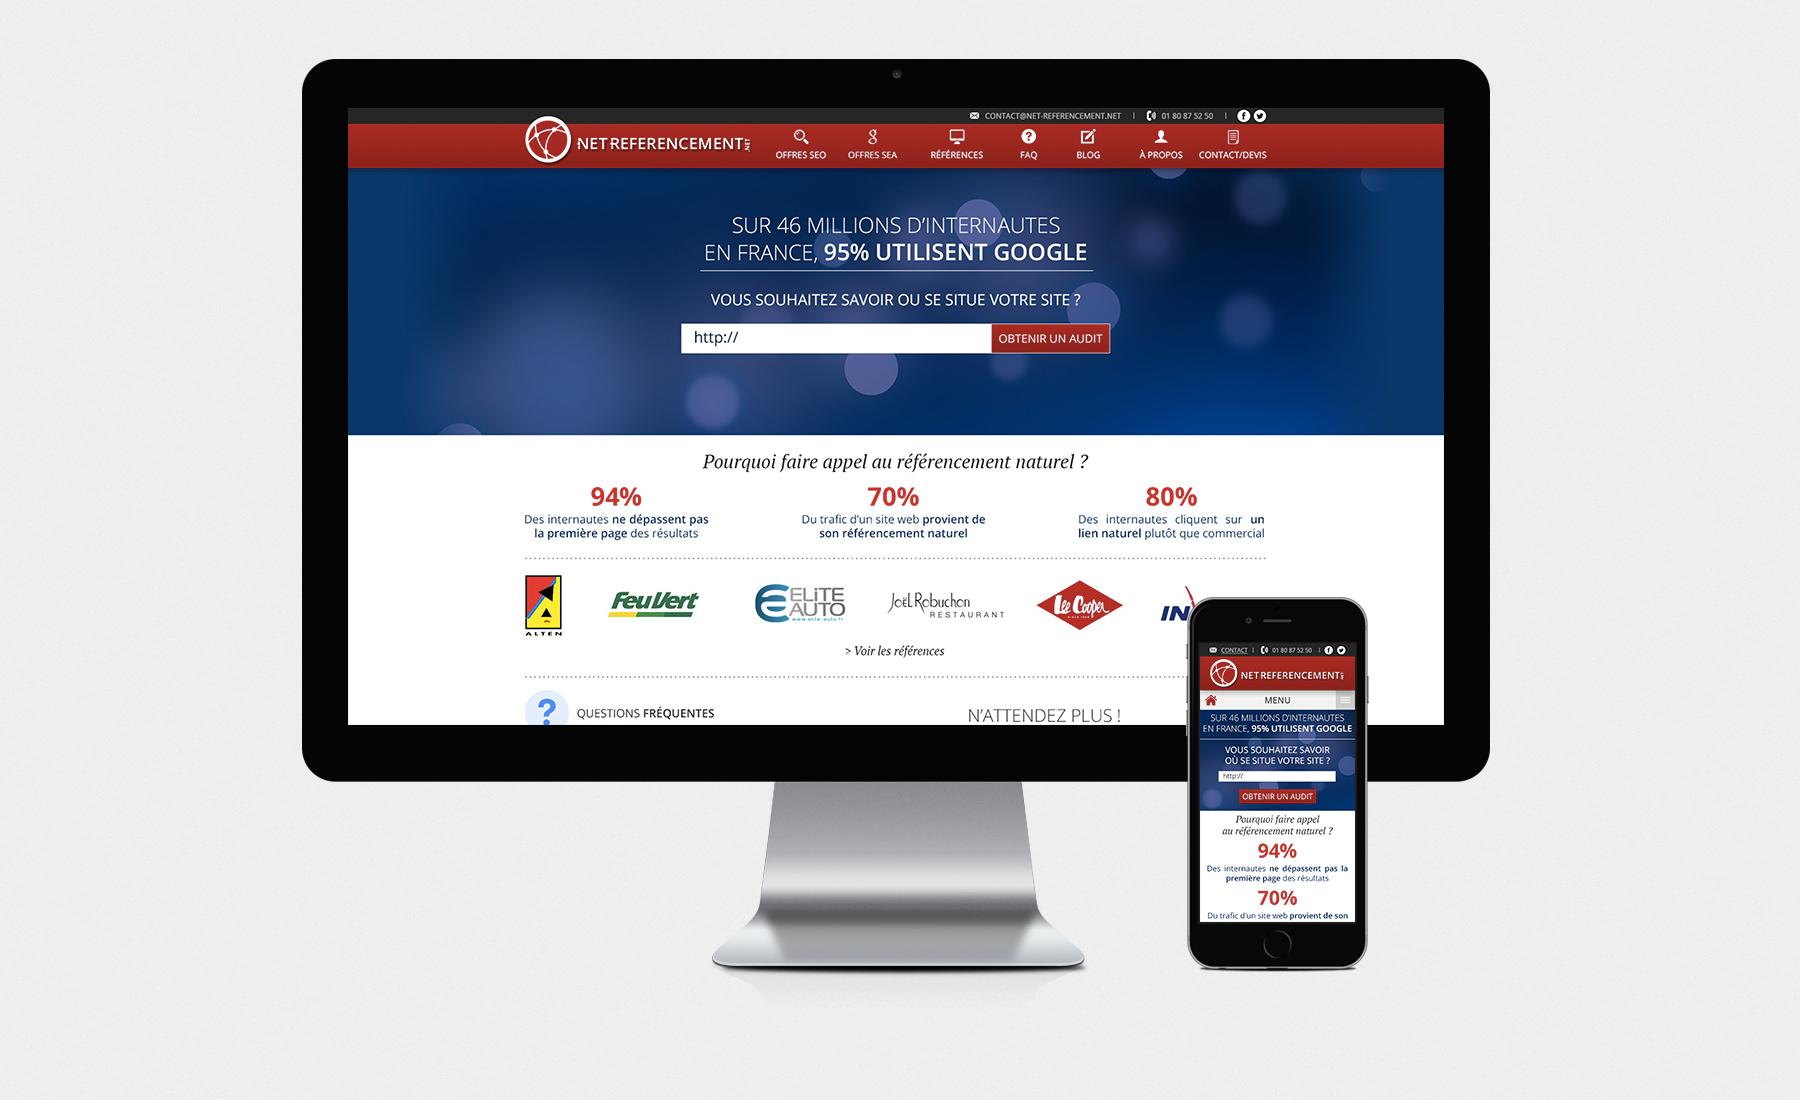 exemple d'un site internet classique et de sa version en responsive design